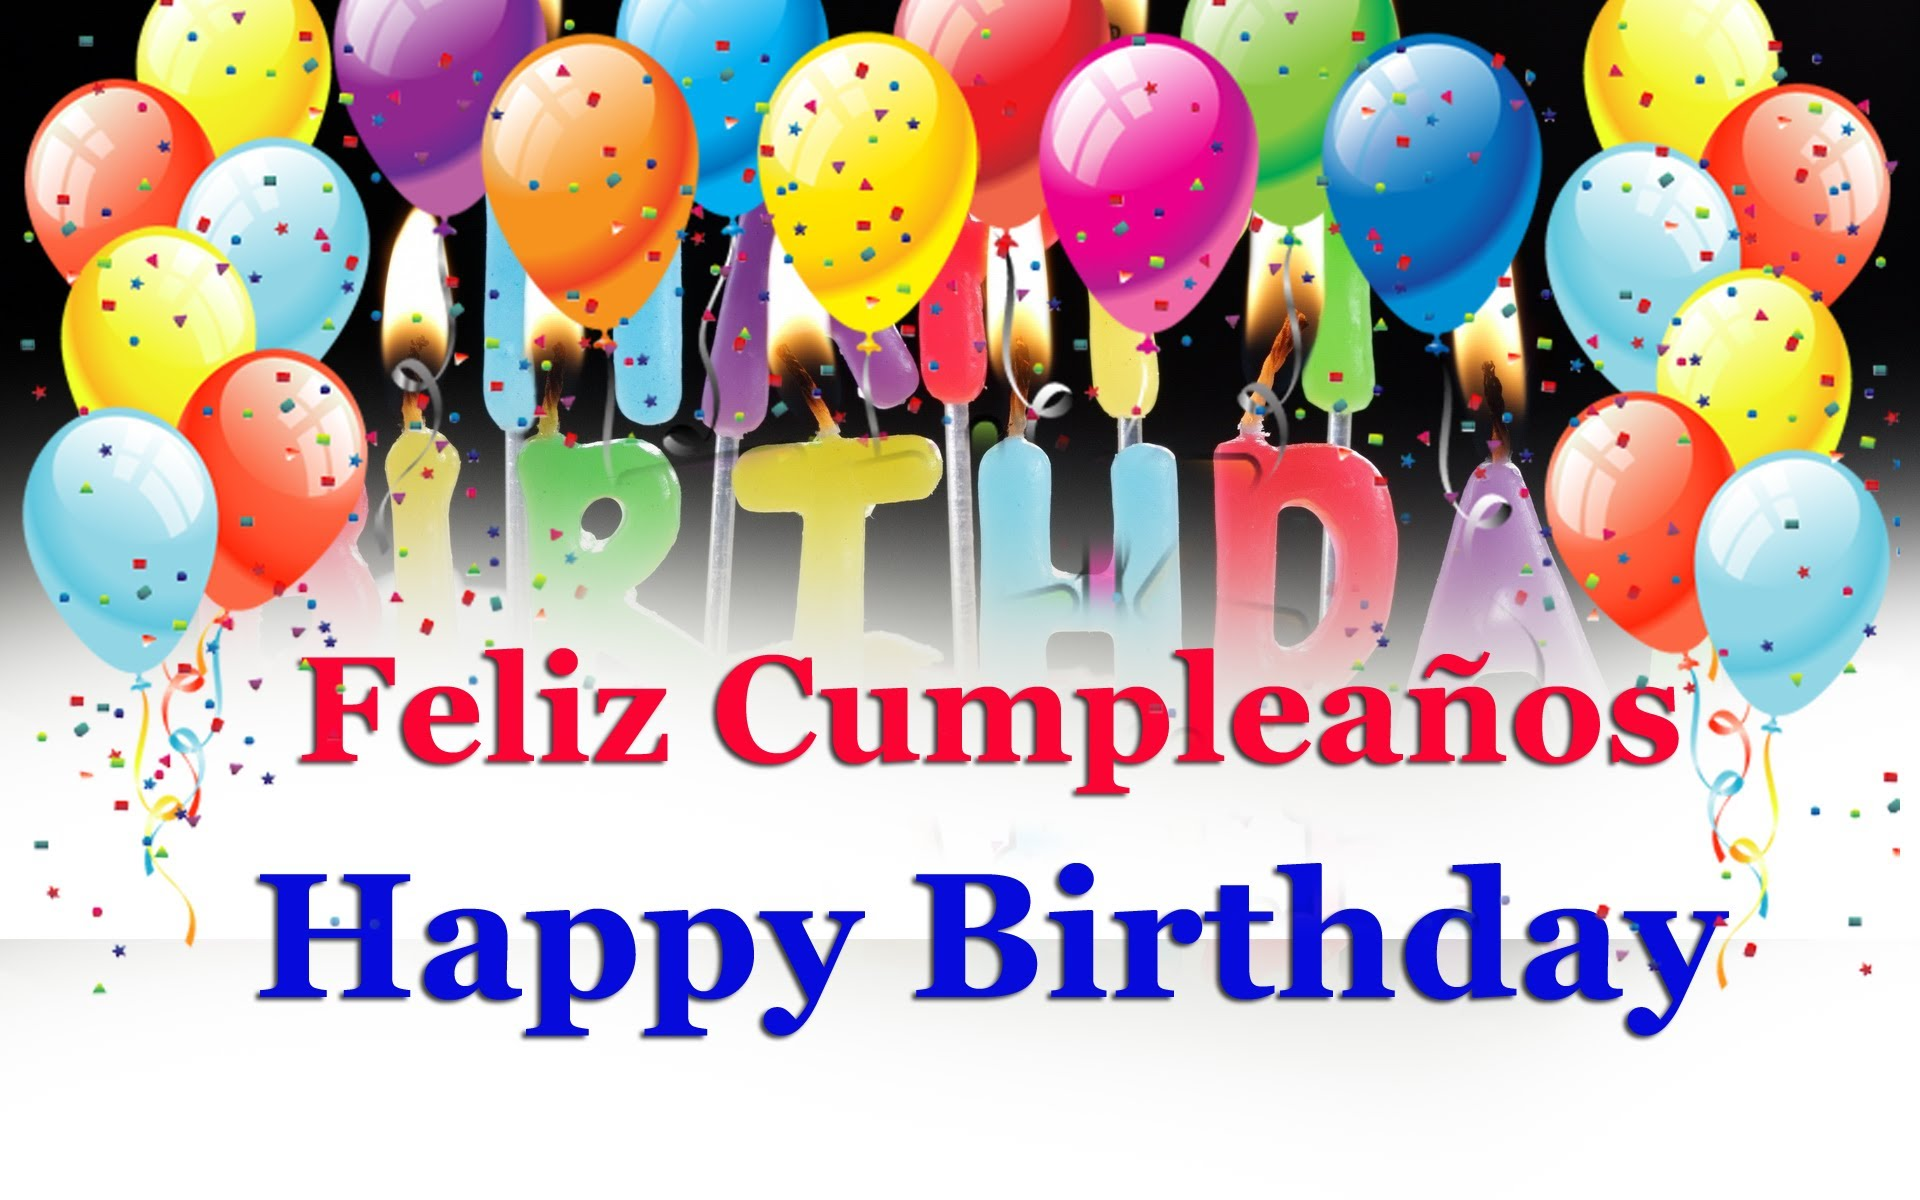 Картинки поздравления с днем рождения на испанском